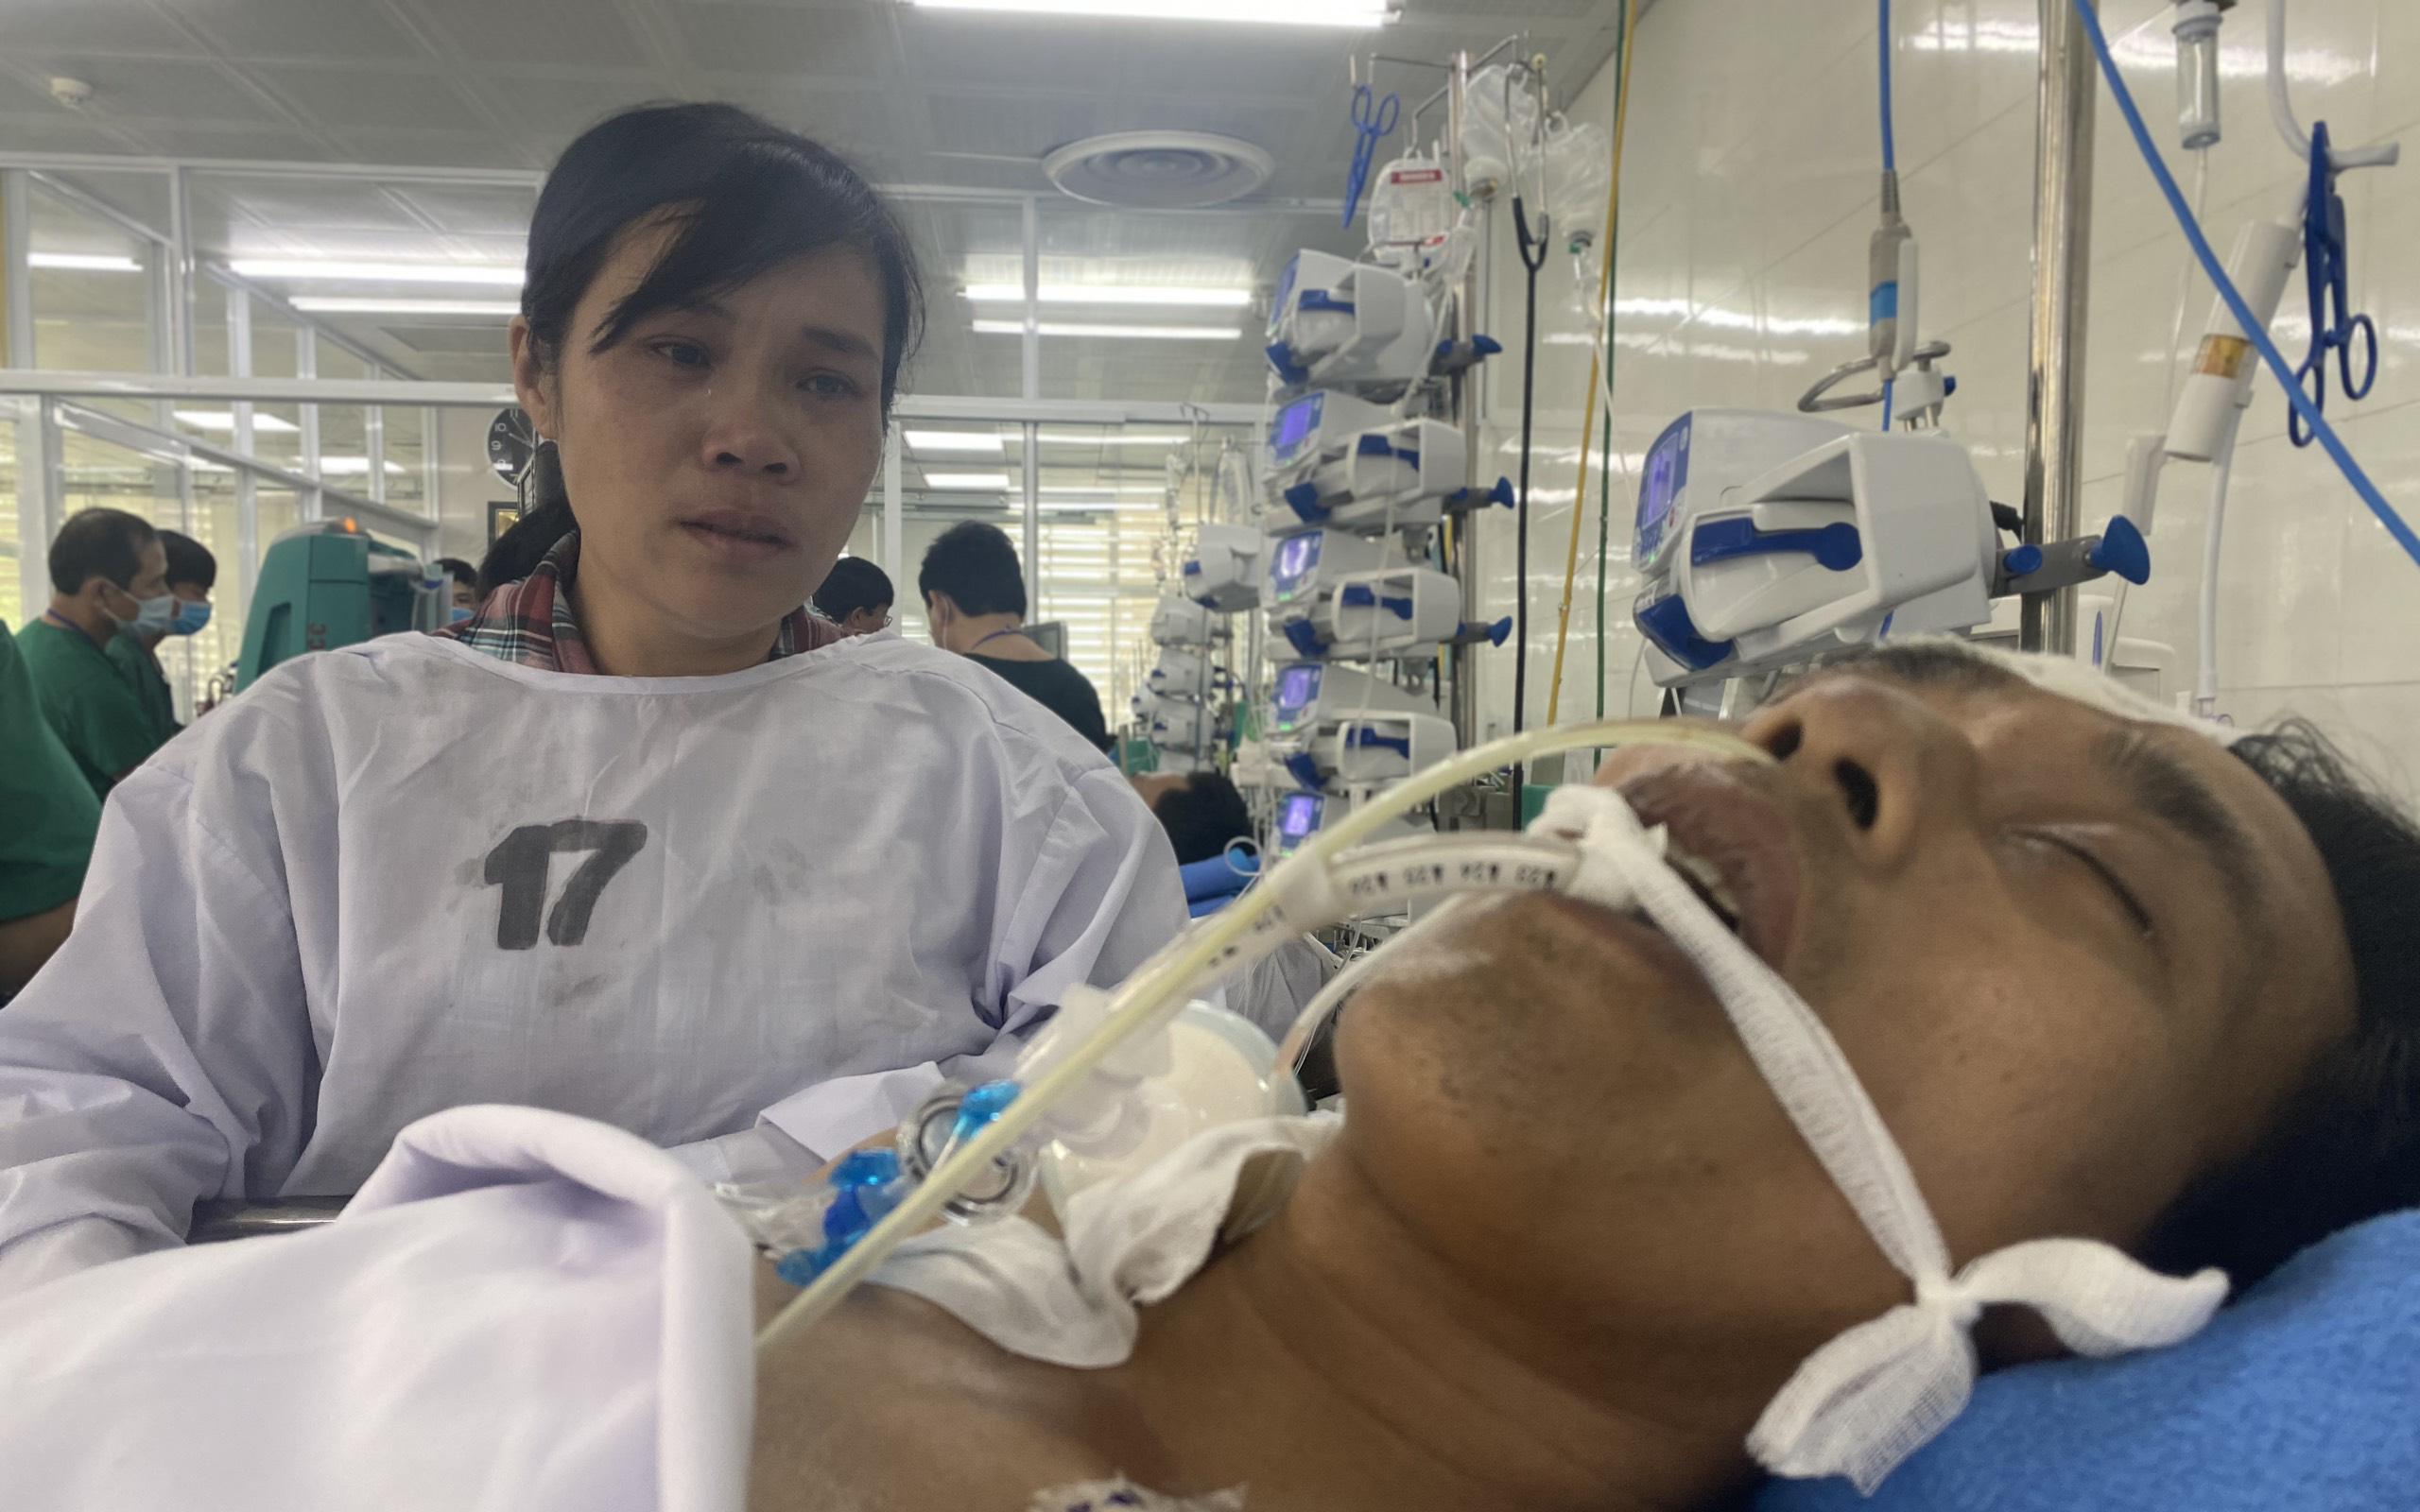 Chồng vừa rời quê đi làm mướn thì gặp cơn bạo bệnh, vợ nghèo 5 con nước mắt ngắn dài bất lực